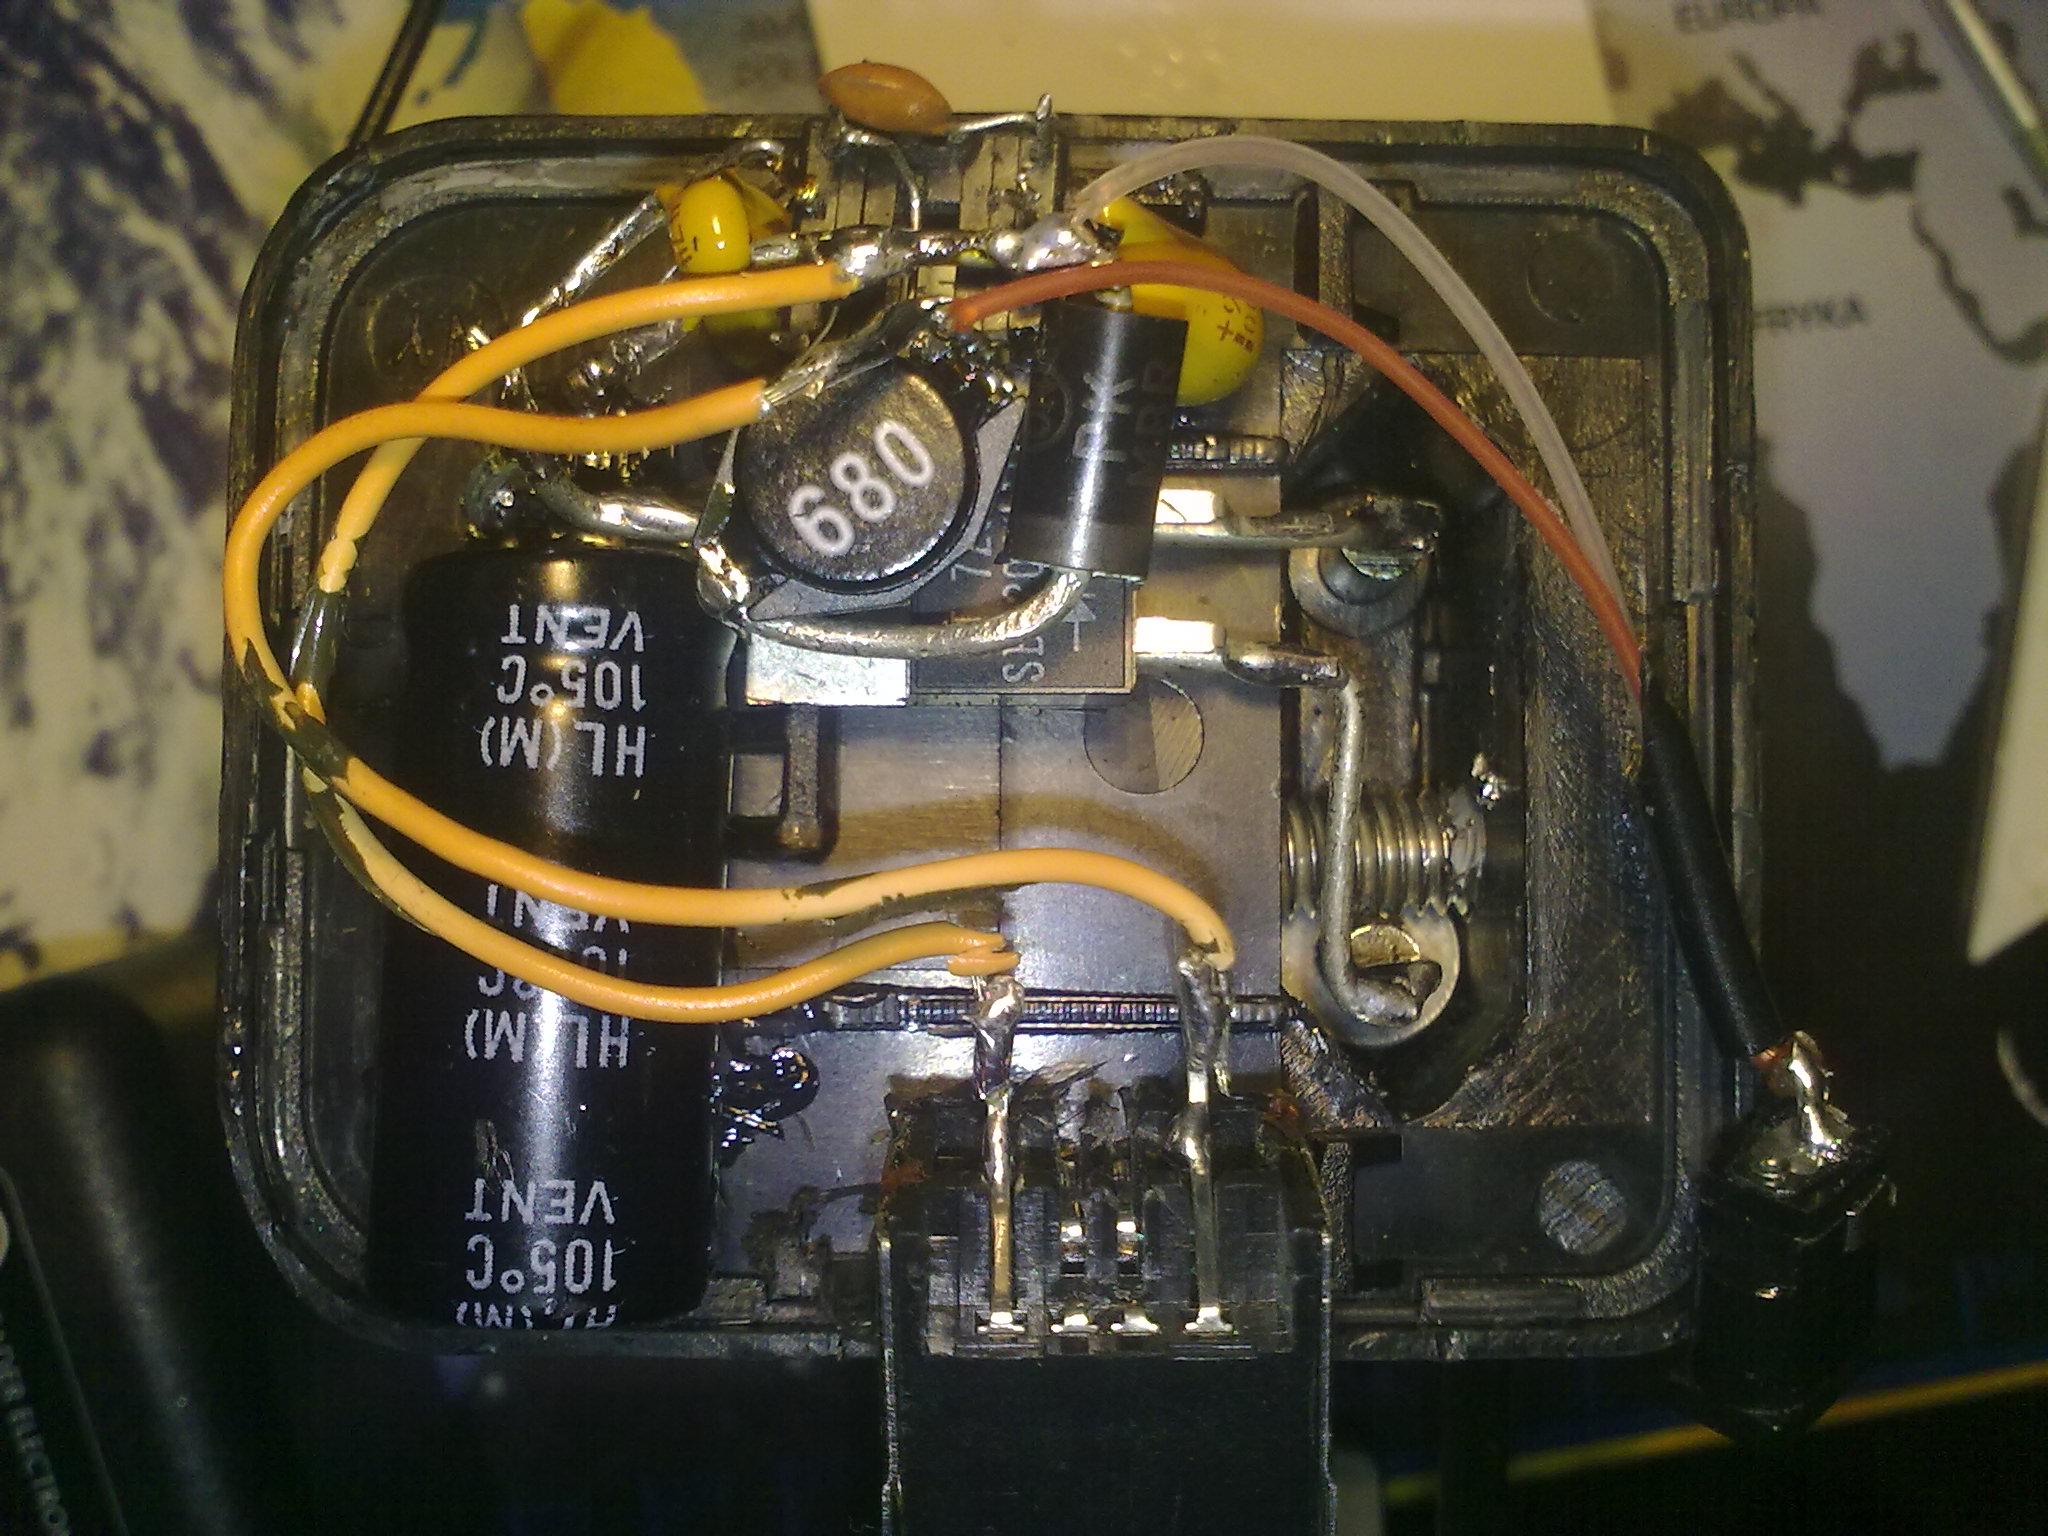 Rowerowa ładowarka Zasilacz USB 2 elektroda.pl